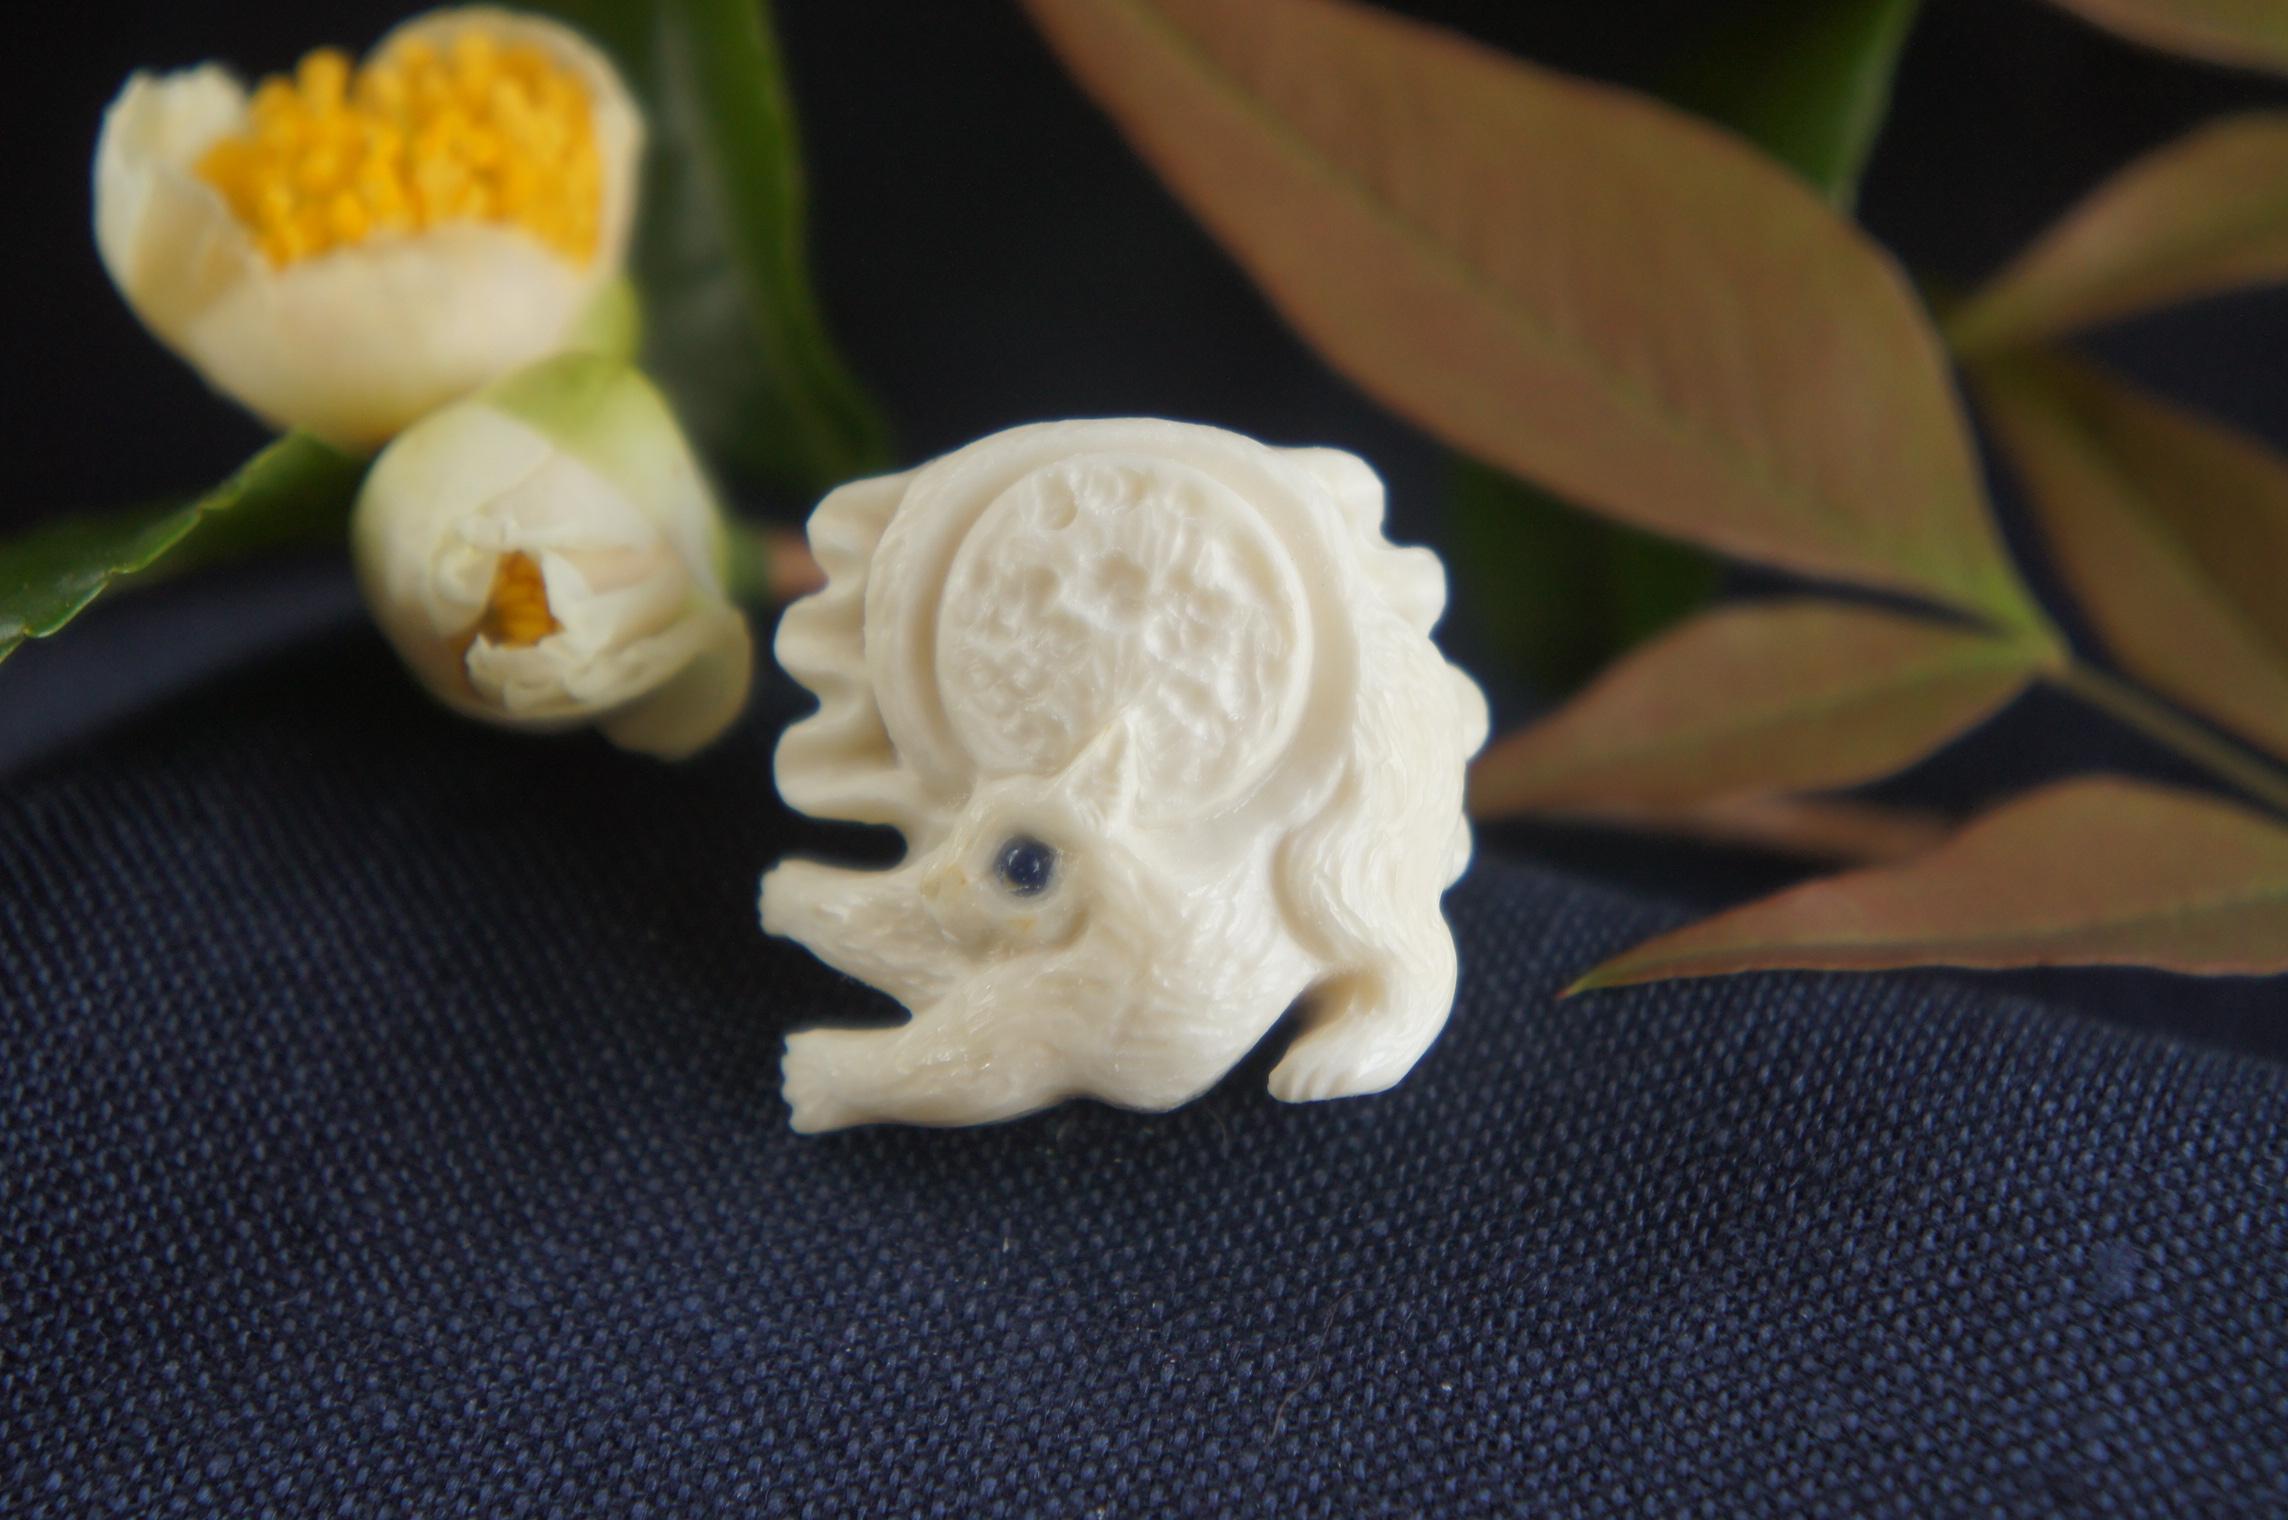 鹿角彫刻の帯留め「月齢」猫の時間 A